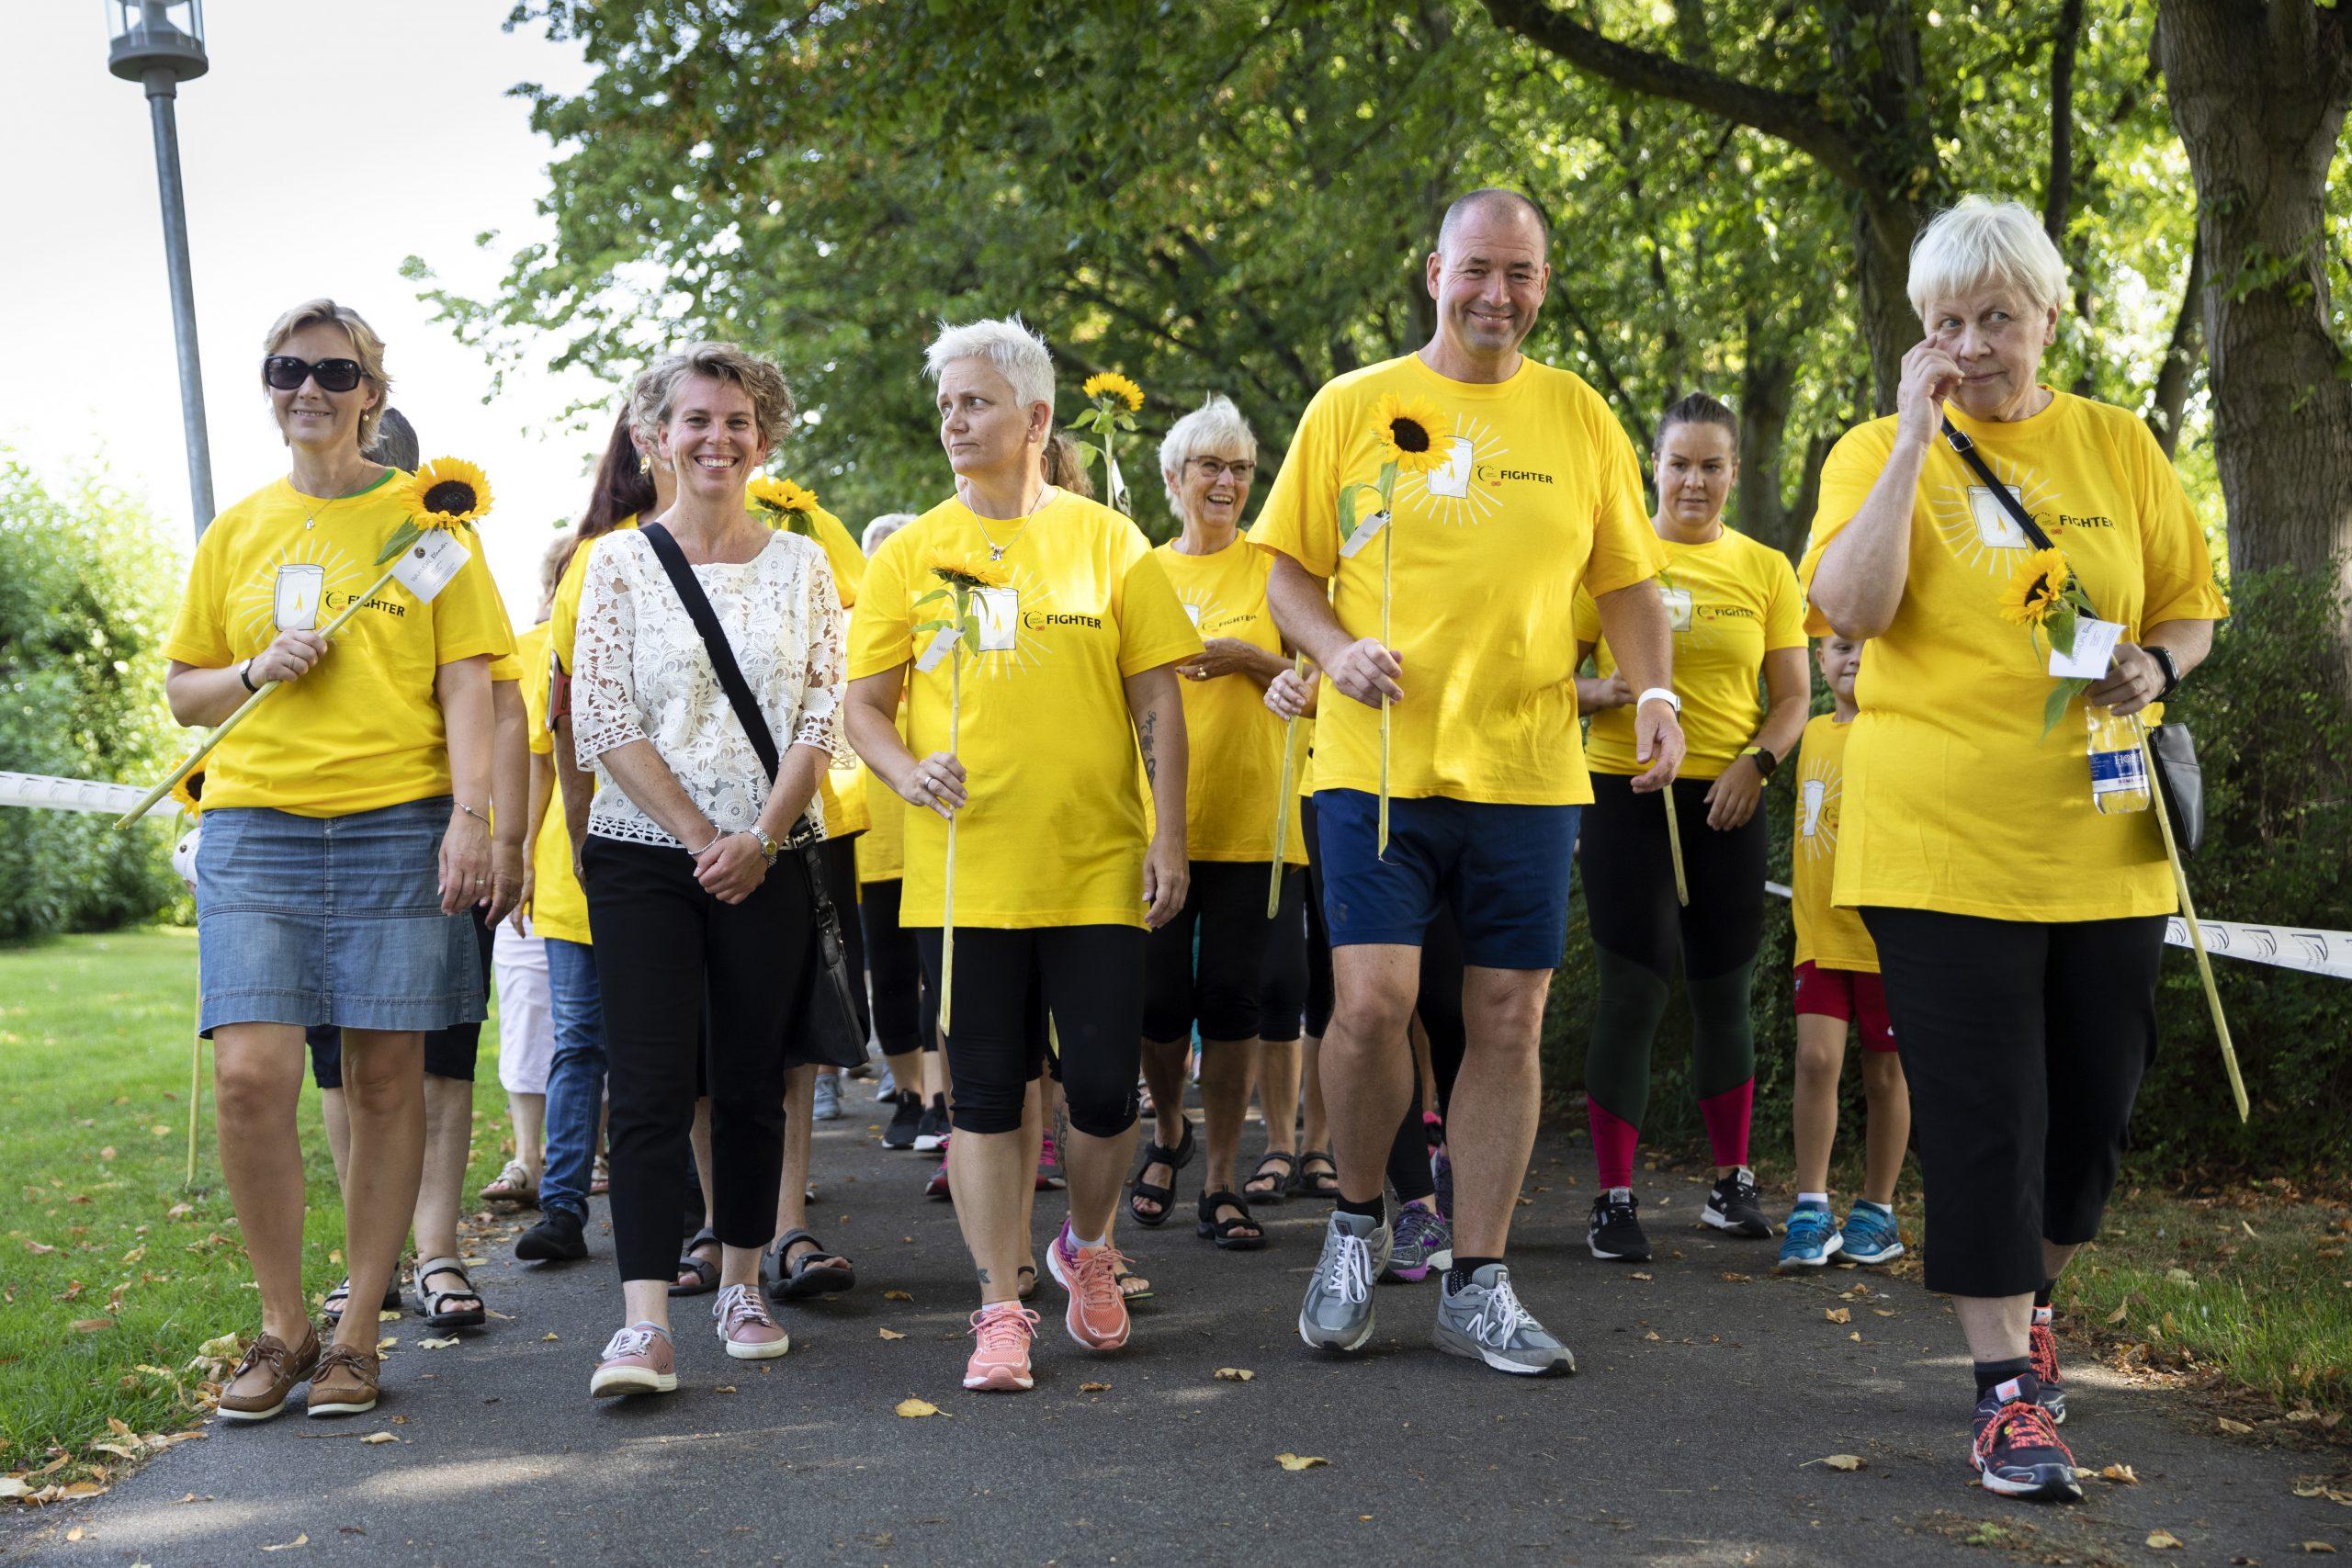 Til kamp mod kræft: Stafet for Livet løber snart i Aalborg